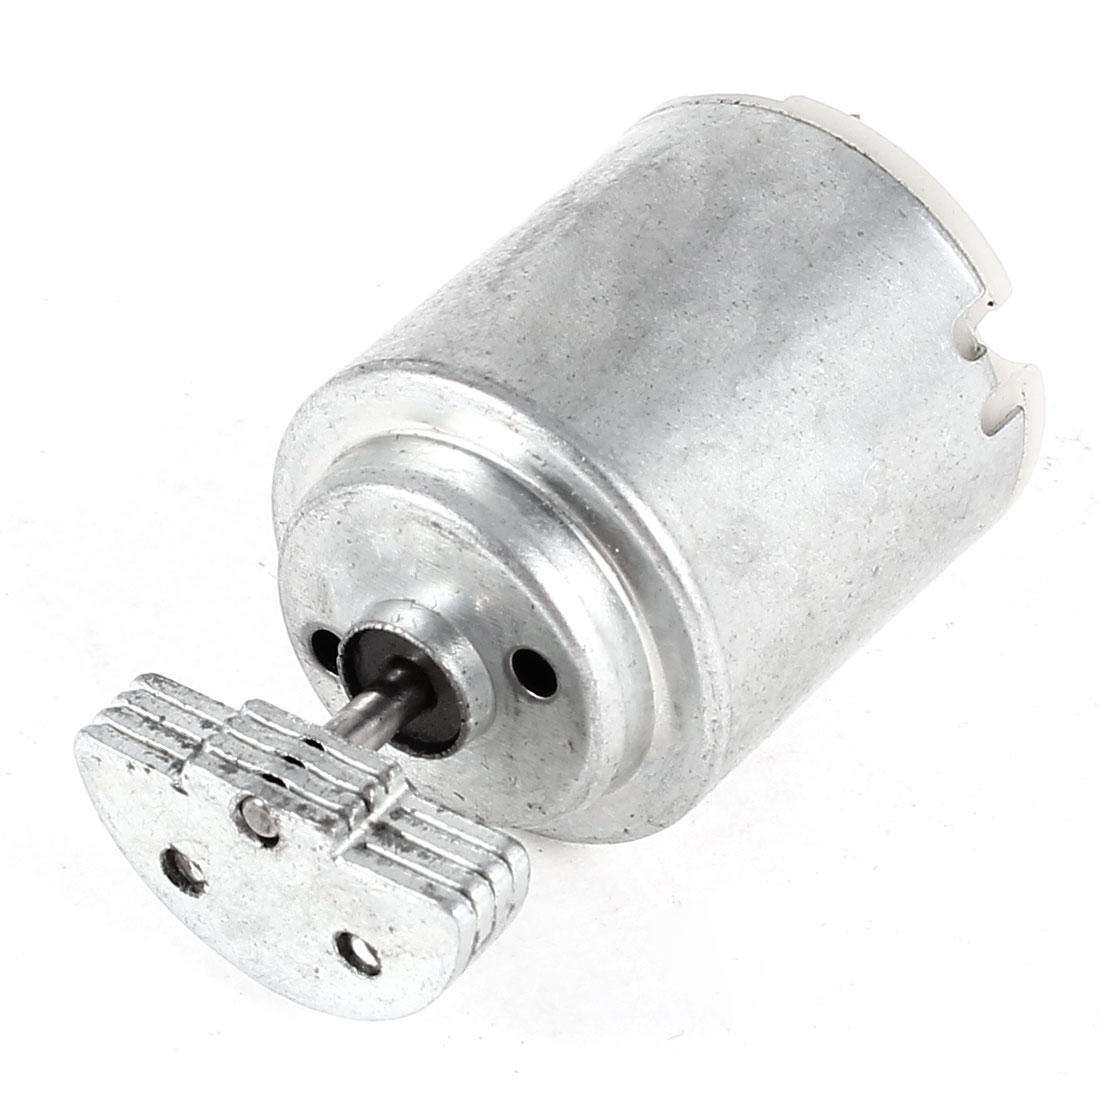 20mm Dia Mini Vibration Vibrating Electric Motor DC 3V 5200RPM for Toys